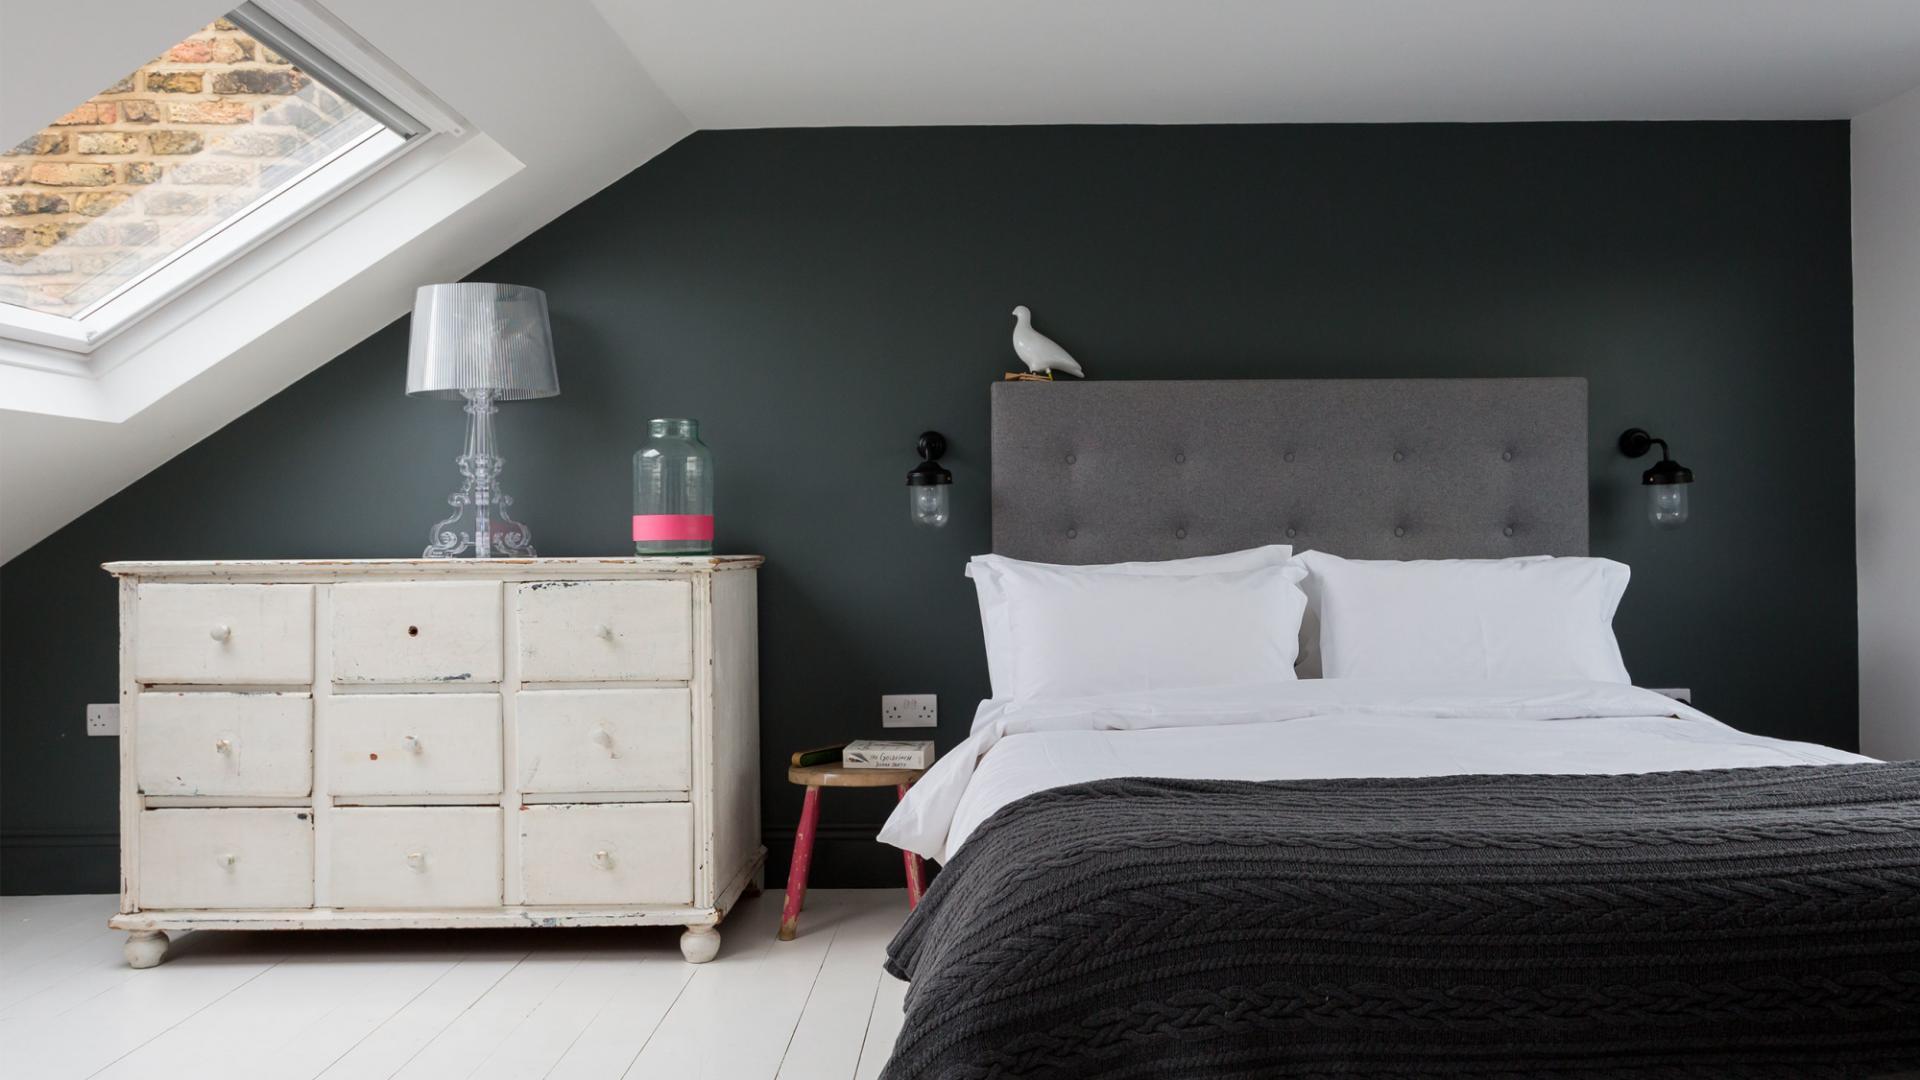 Idee per la camera da letto in mansarda - Idee per colorare camera da letto ...